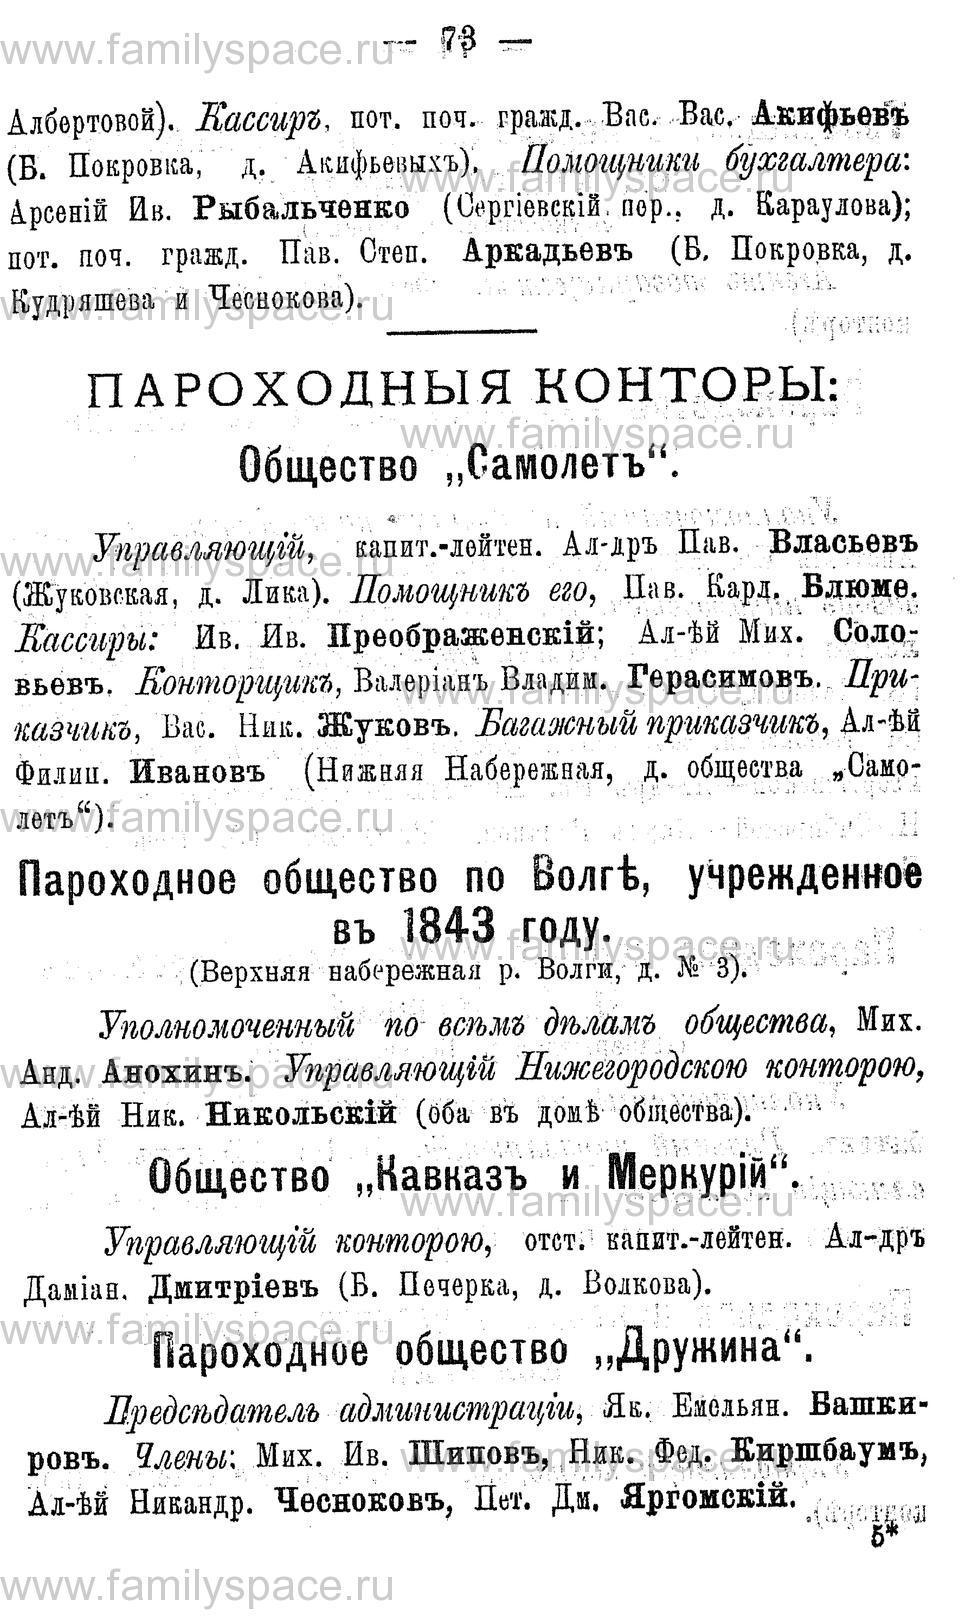 Поиск по фамилии - Адрес-календарь Нижегородской губернии на 1891 год, страница 73